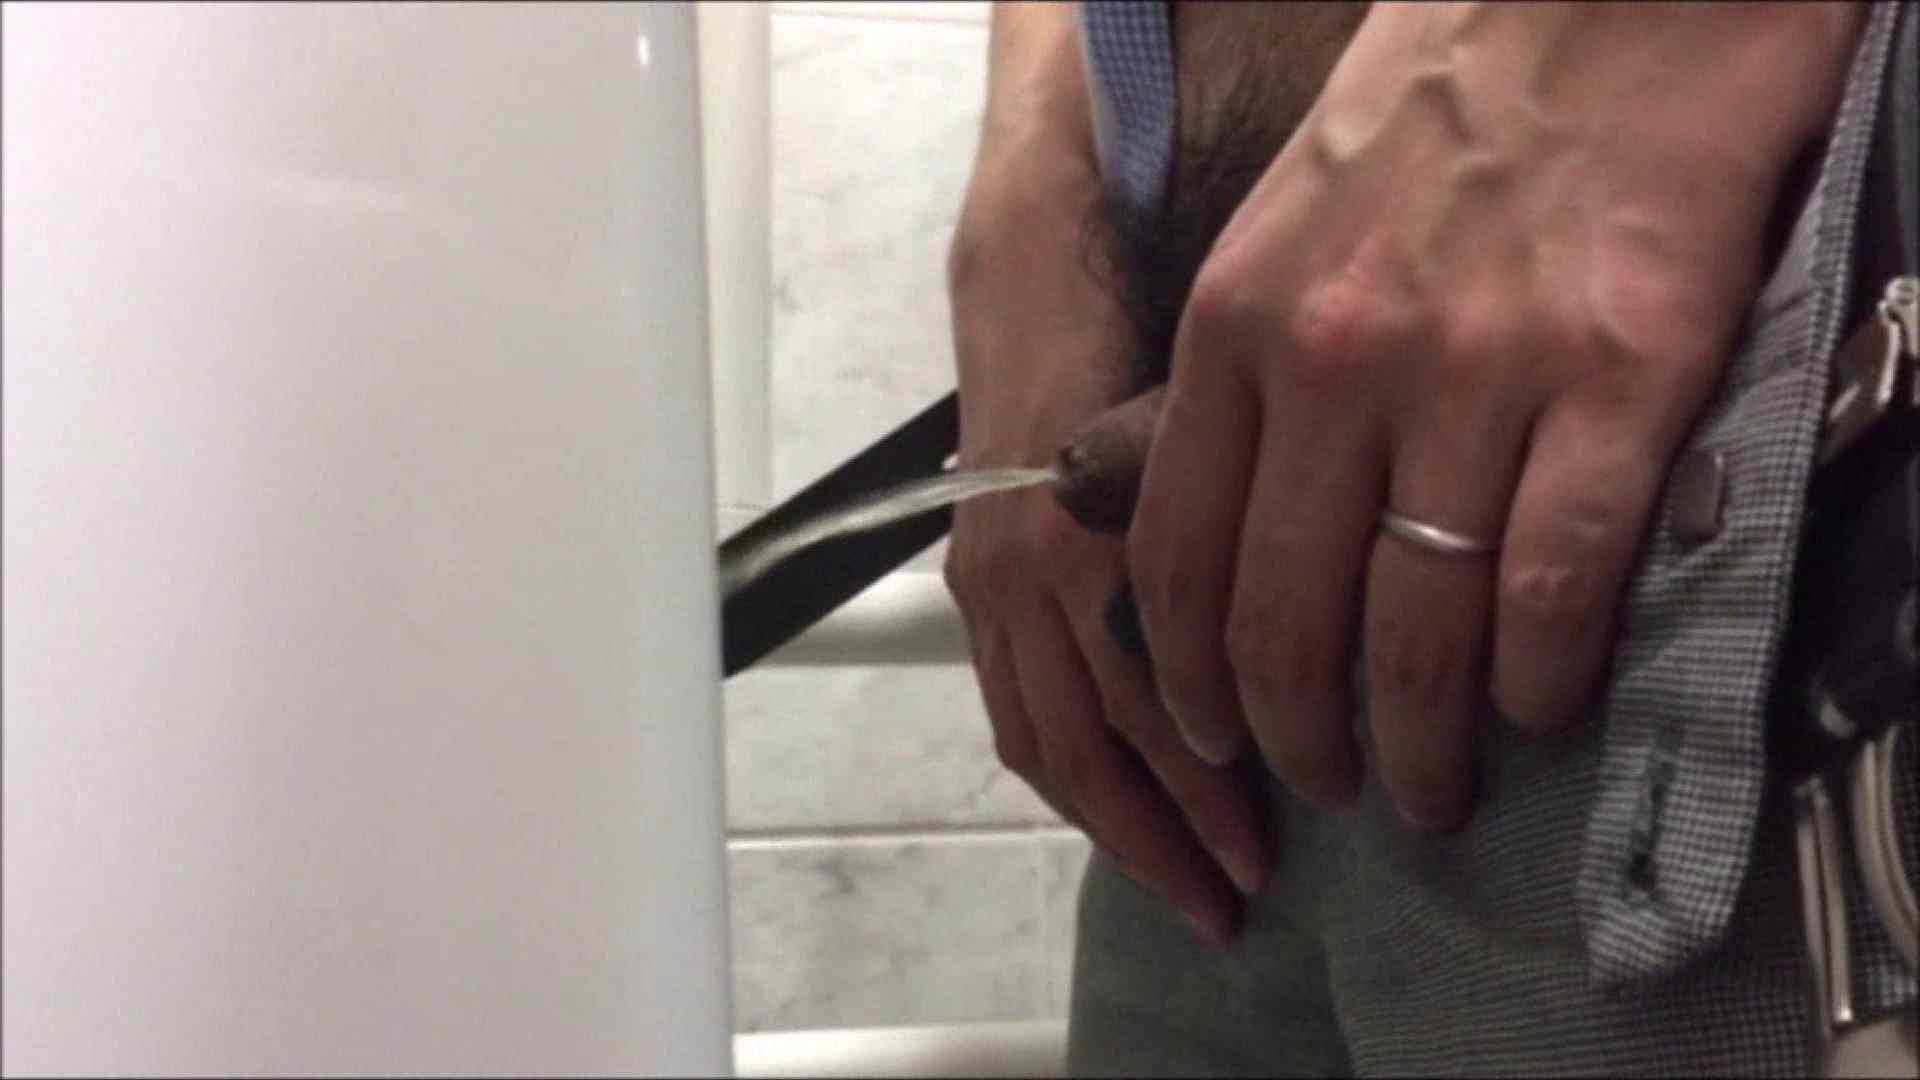 ゲイザーメン動画|すみませんが覗かせてください Vol.07|放尿